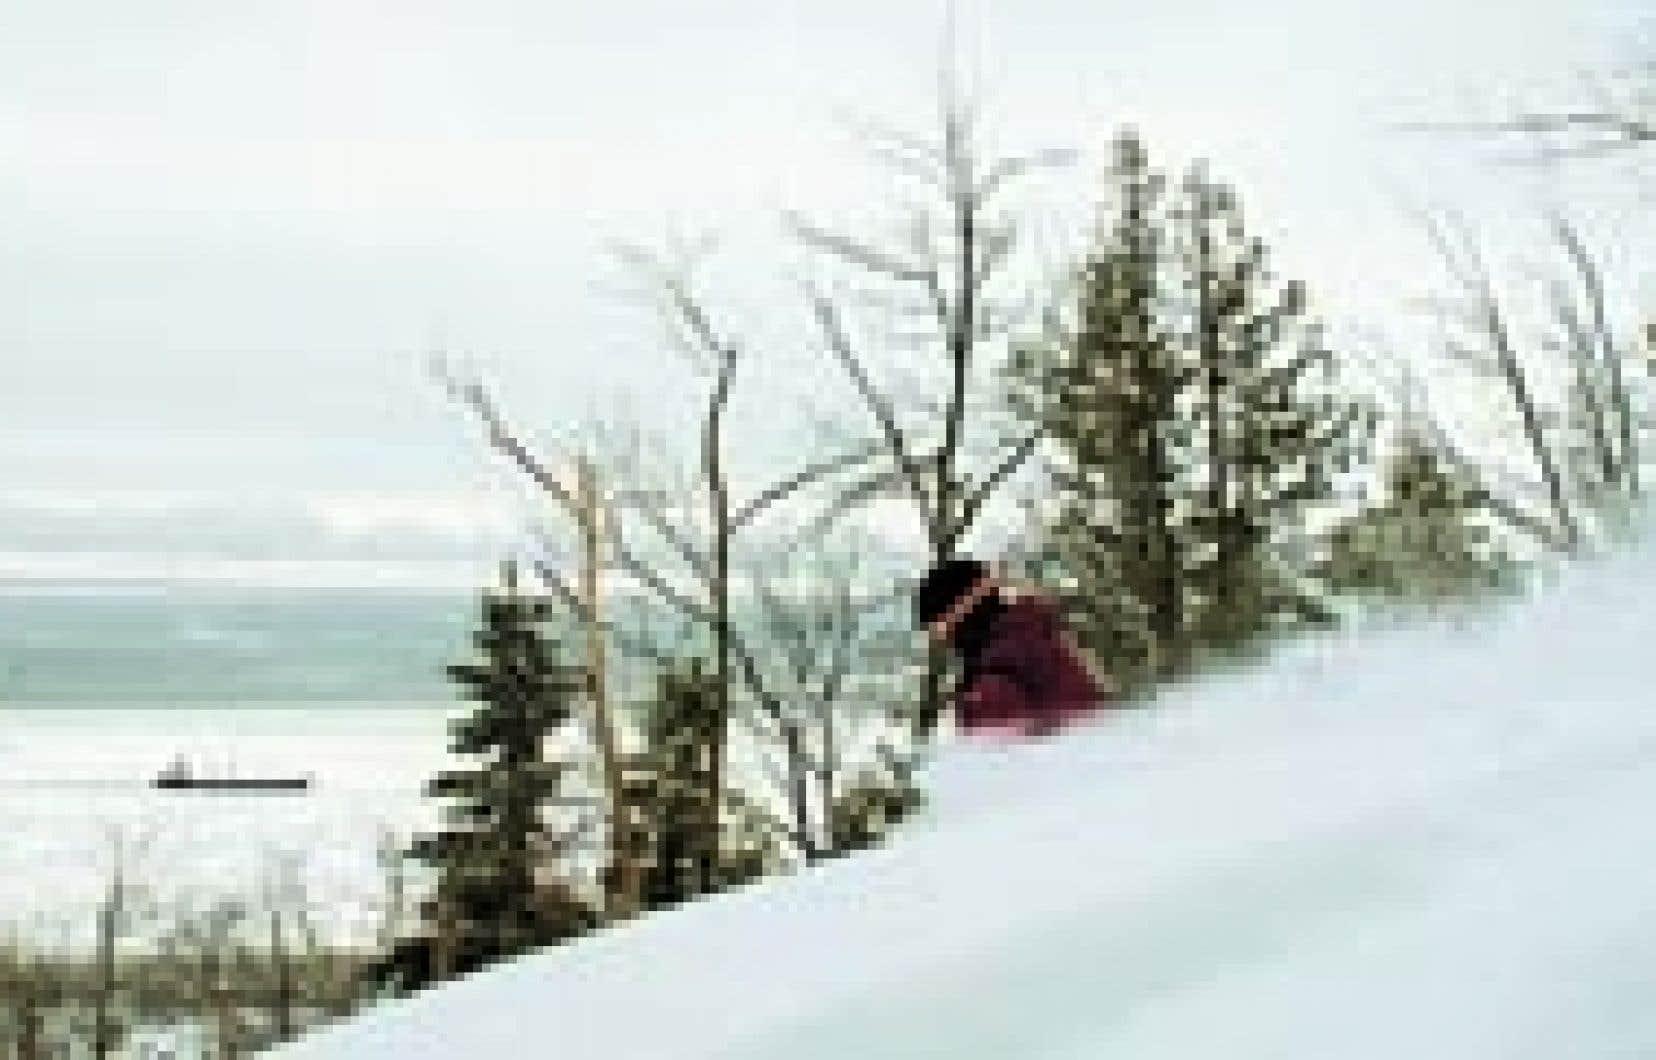 SOURCE GROUPE LE MASSIF Le projet du Massif repose notamment sur une augmentation de plus de 30 % du domaine skiable.